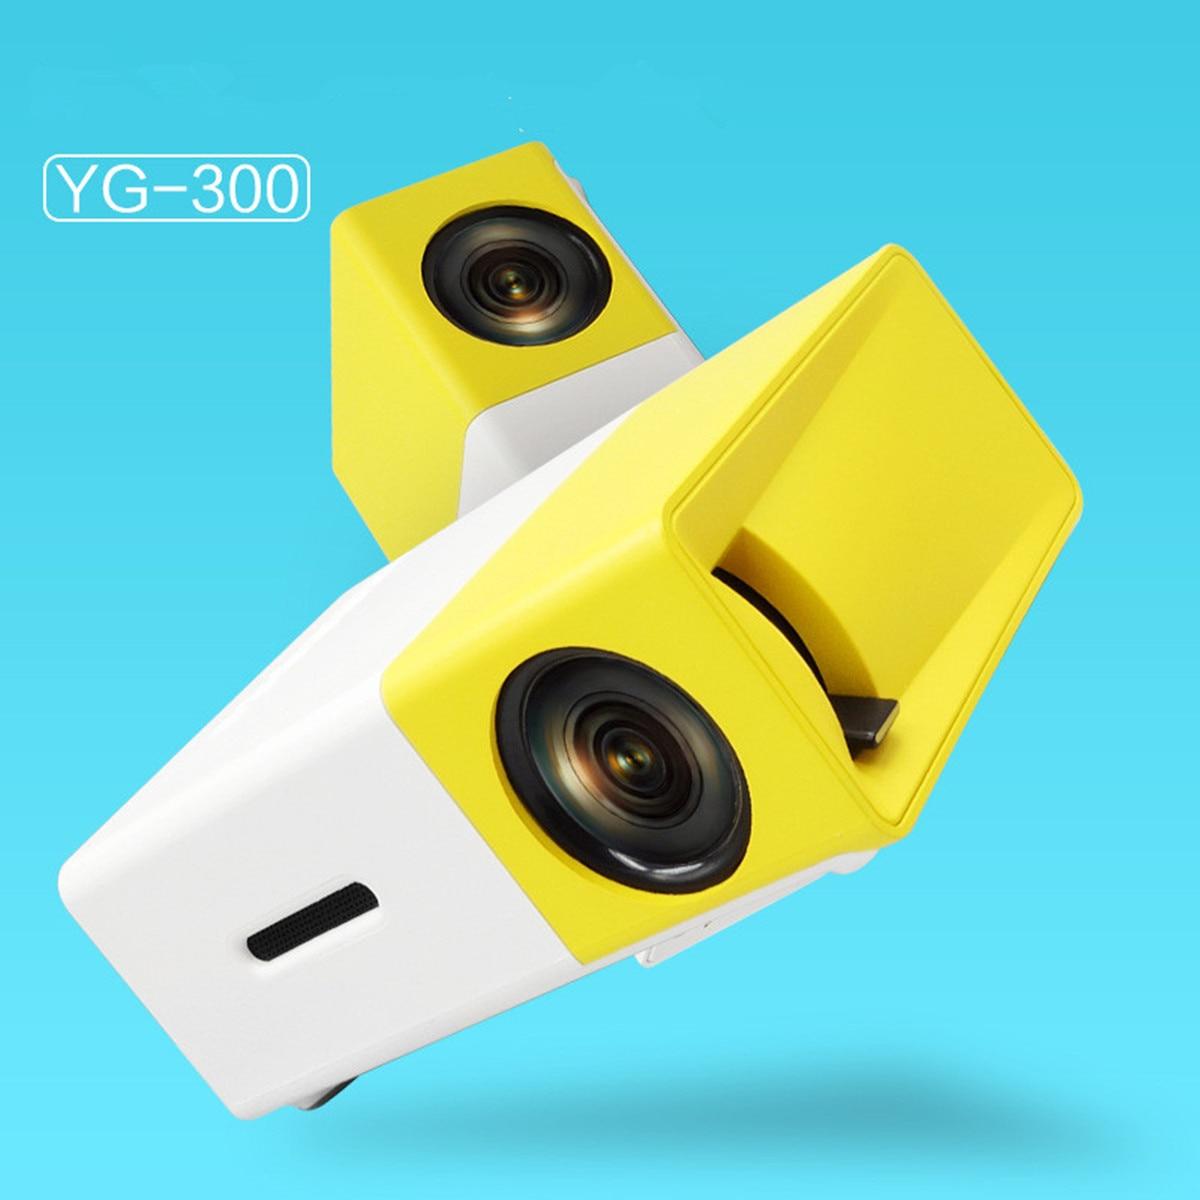 все цены на  YG300 1080P LED Portable Projector 400-600LM 3.5mm Audio 320 x 240 Pixels YG-300 HDMI USB Mini Projector Home Media Player  онлайн